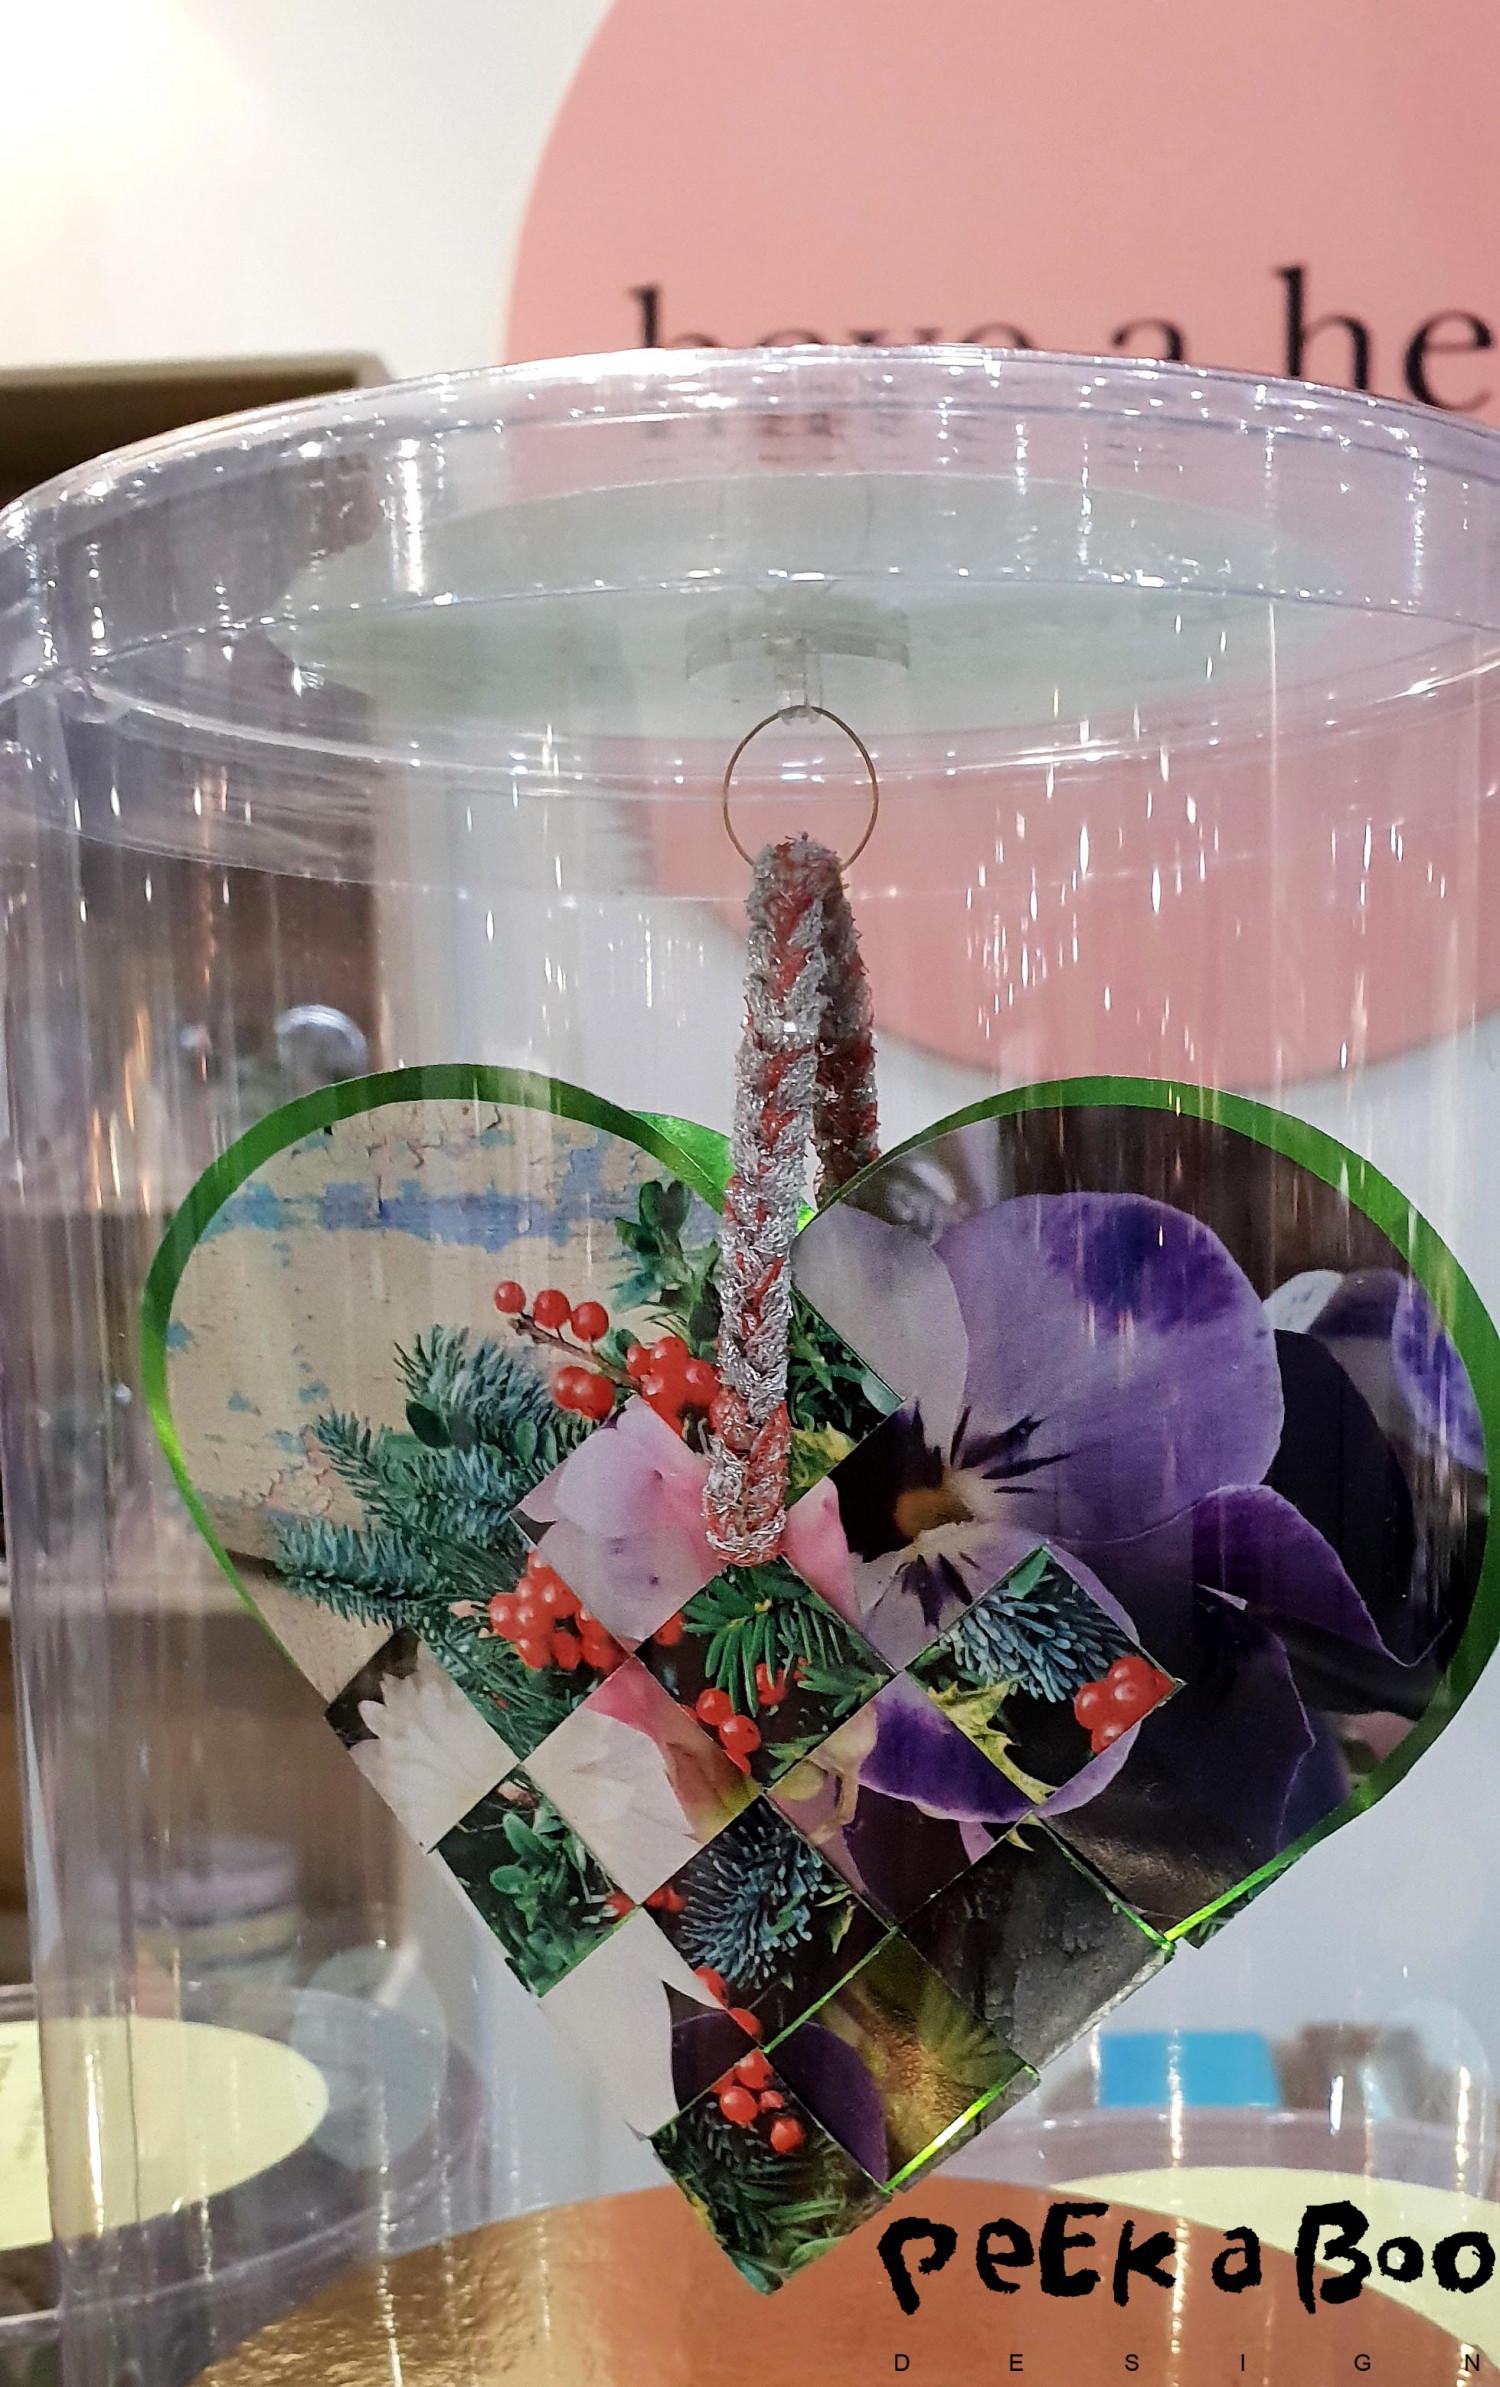 Den danske kunstner Mette Petri laver smukke hjerter i genbrugspapir og med en sød historie.